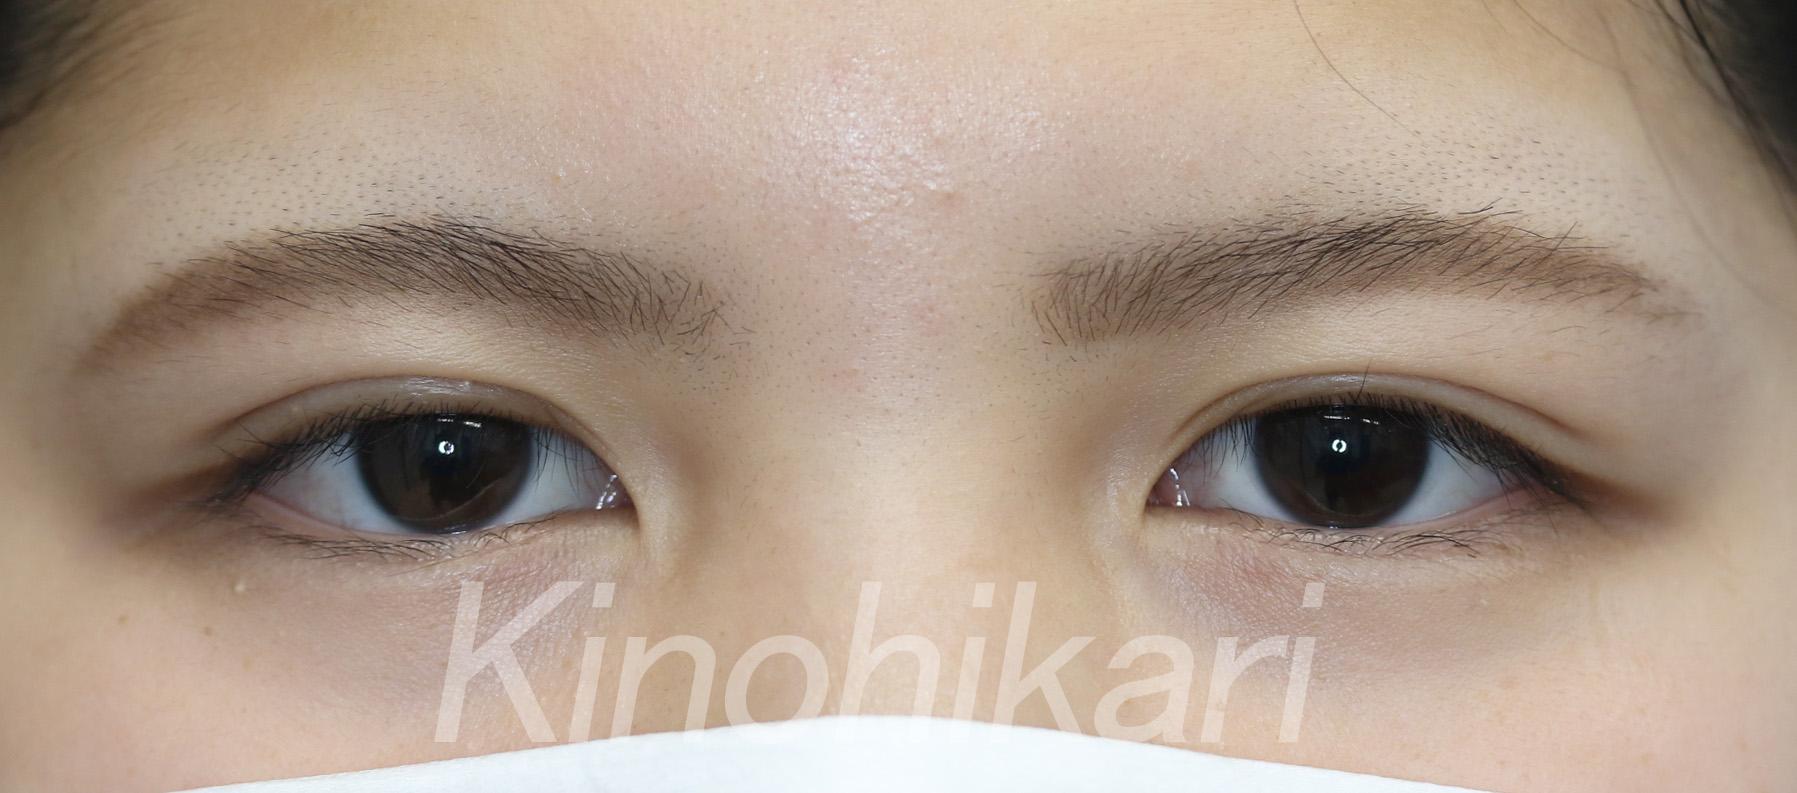 【二重埋没法】細く見える目を平行二重に 10代女性【症例No.29H0000233】